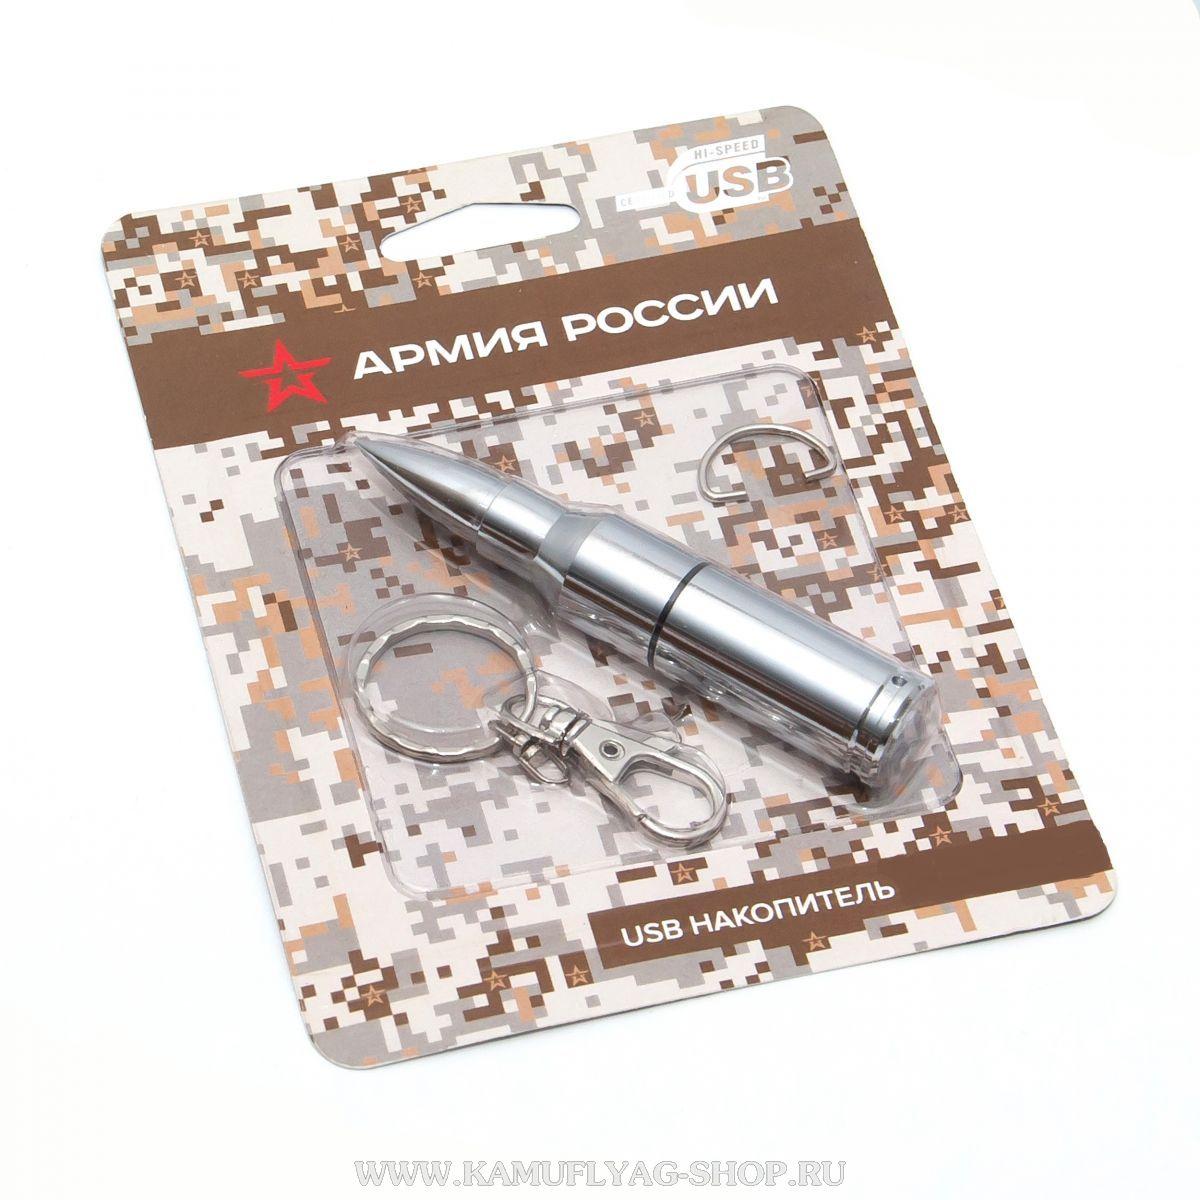 Флеш-накопитель USB 8 ГБ, бронза, серебро